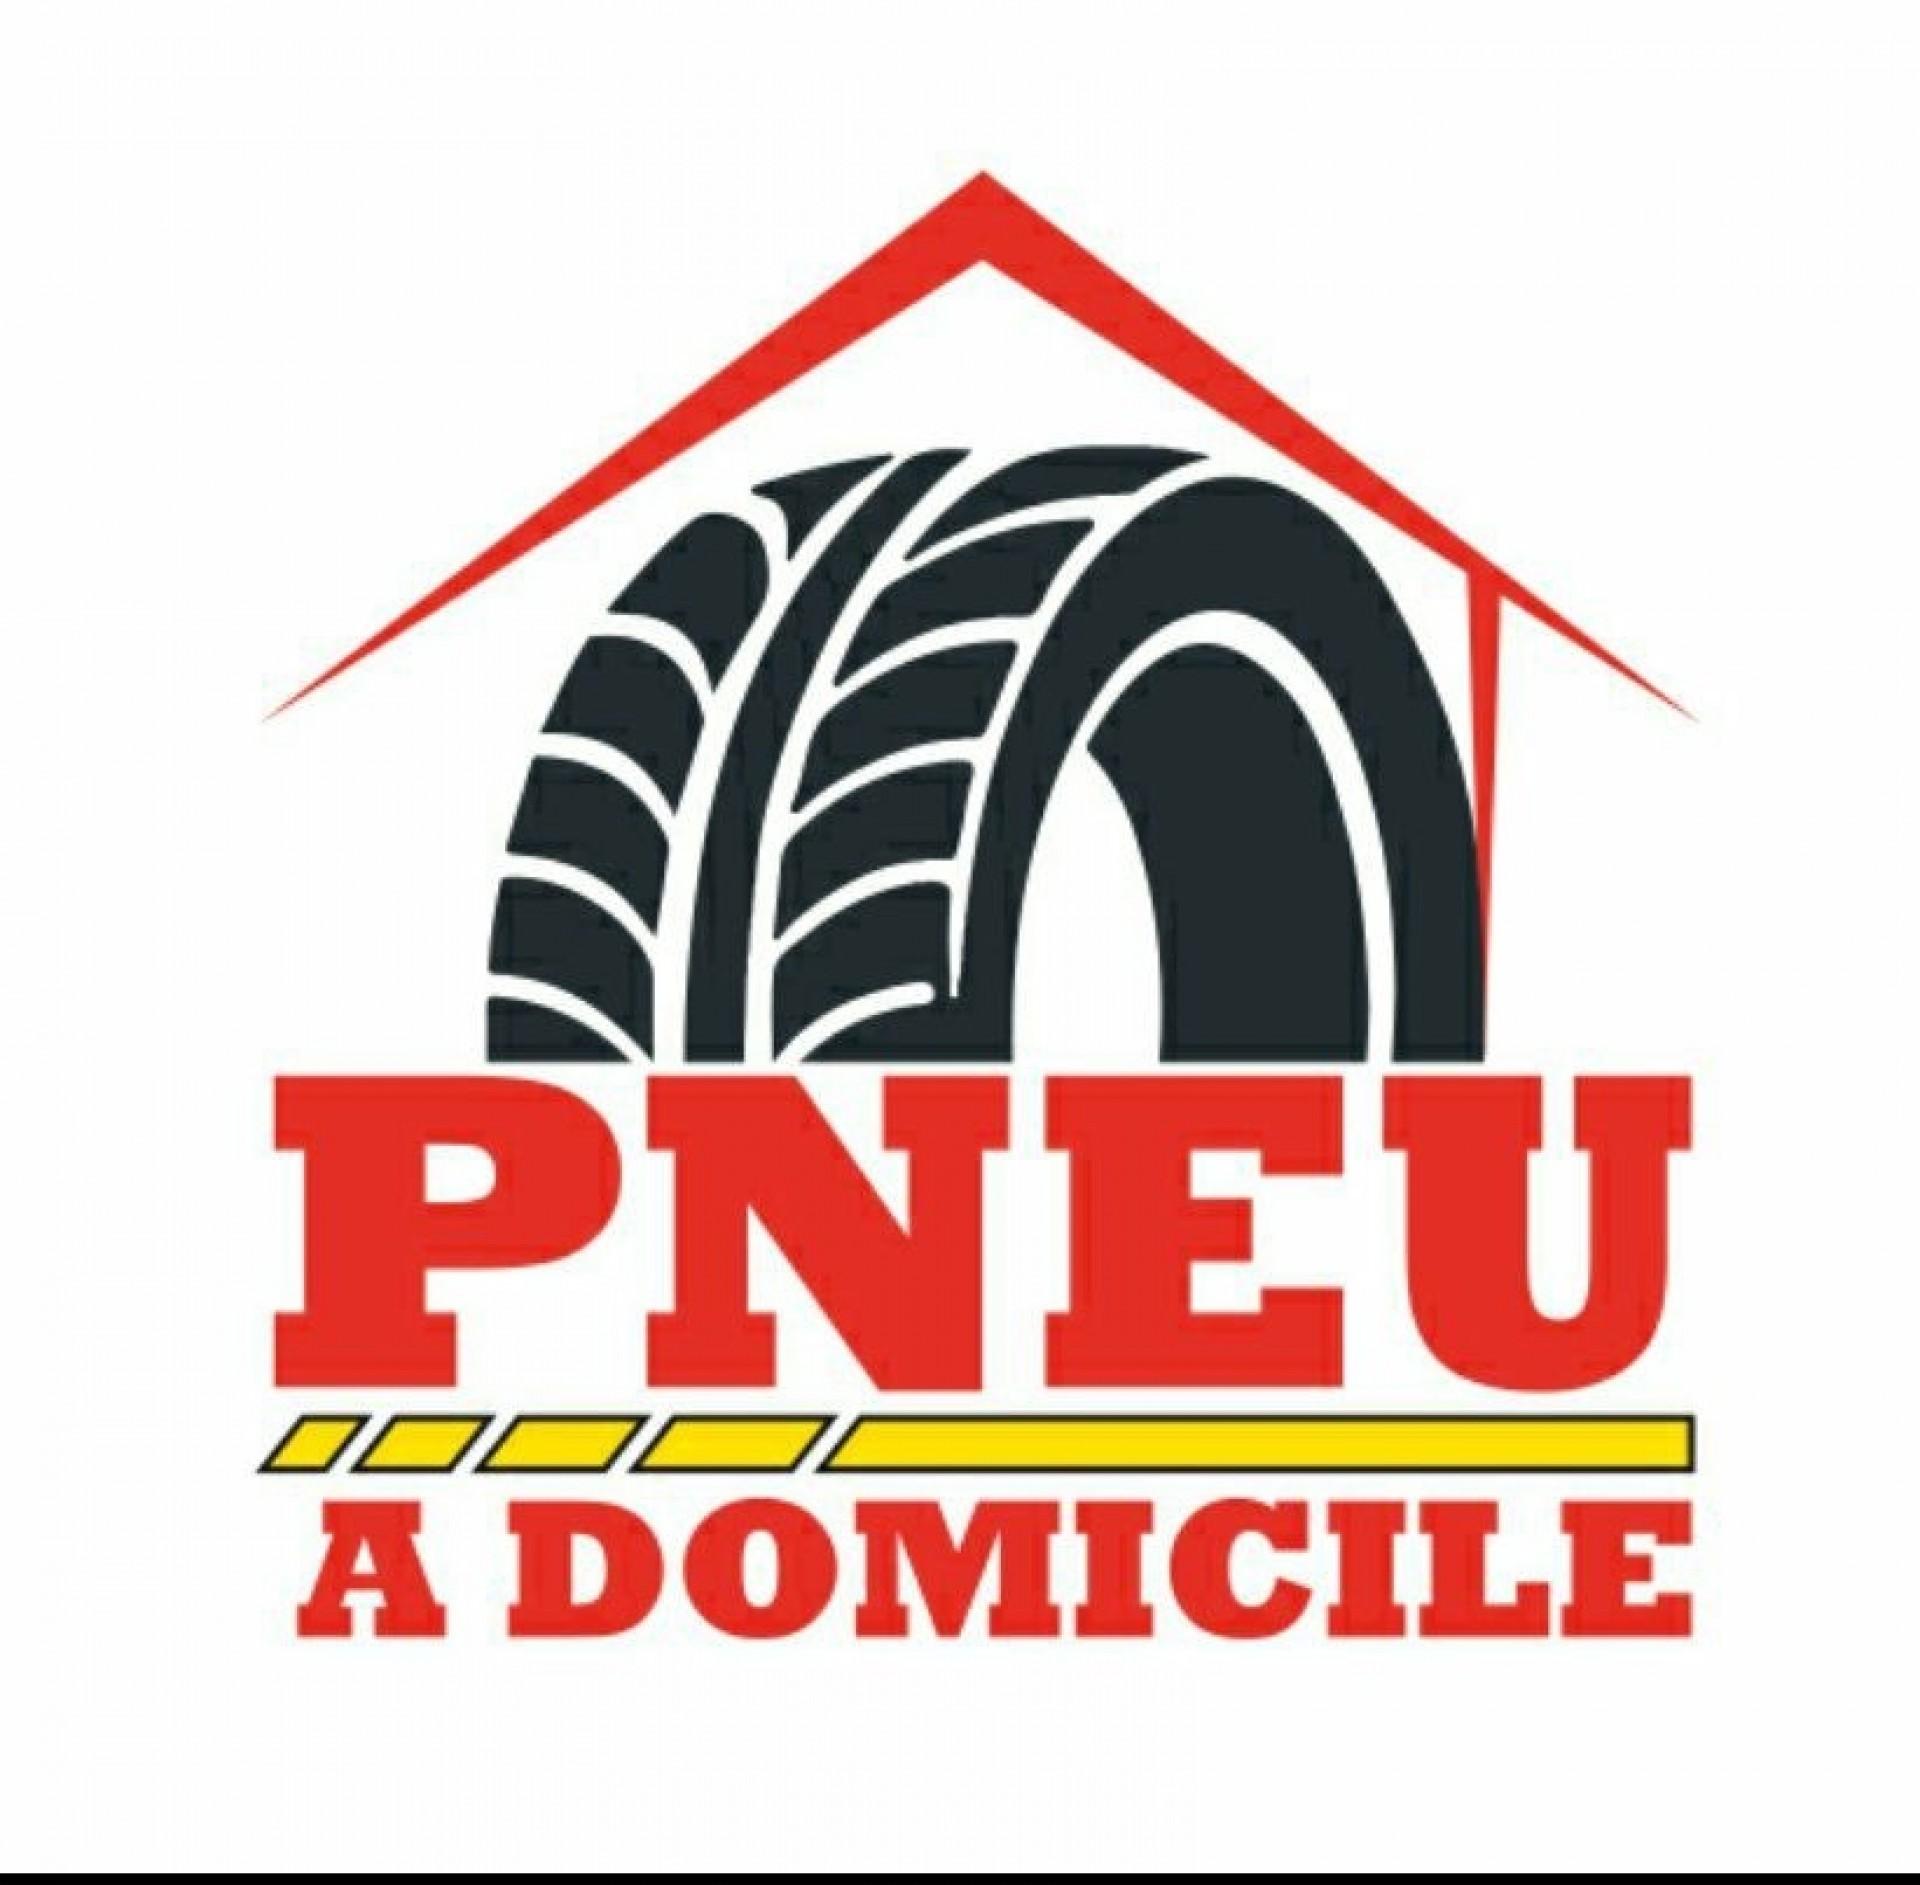 PNEU A DOMICILE logo